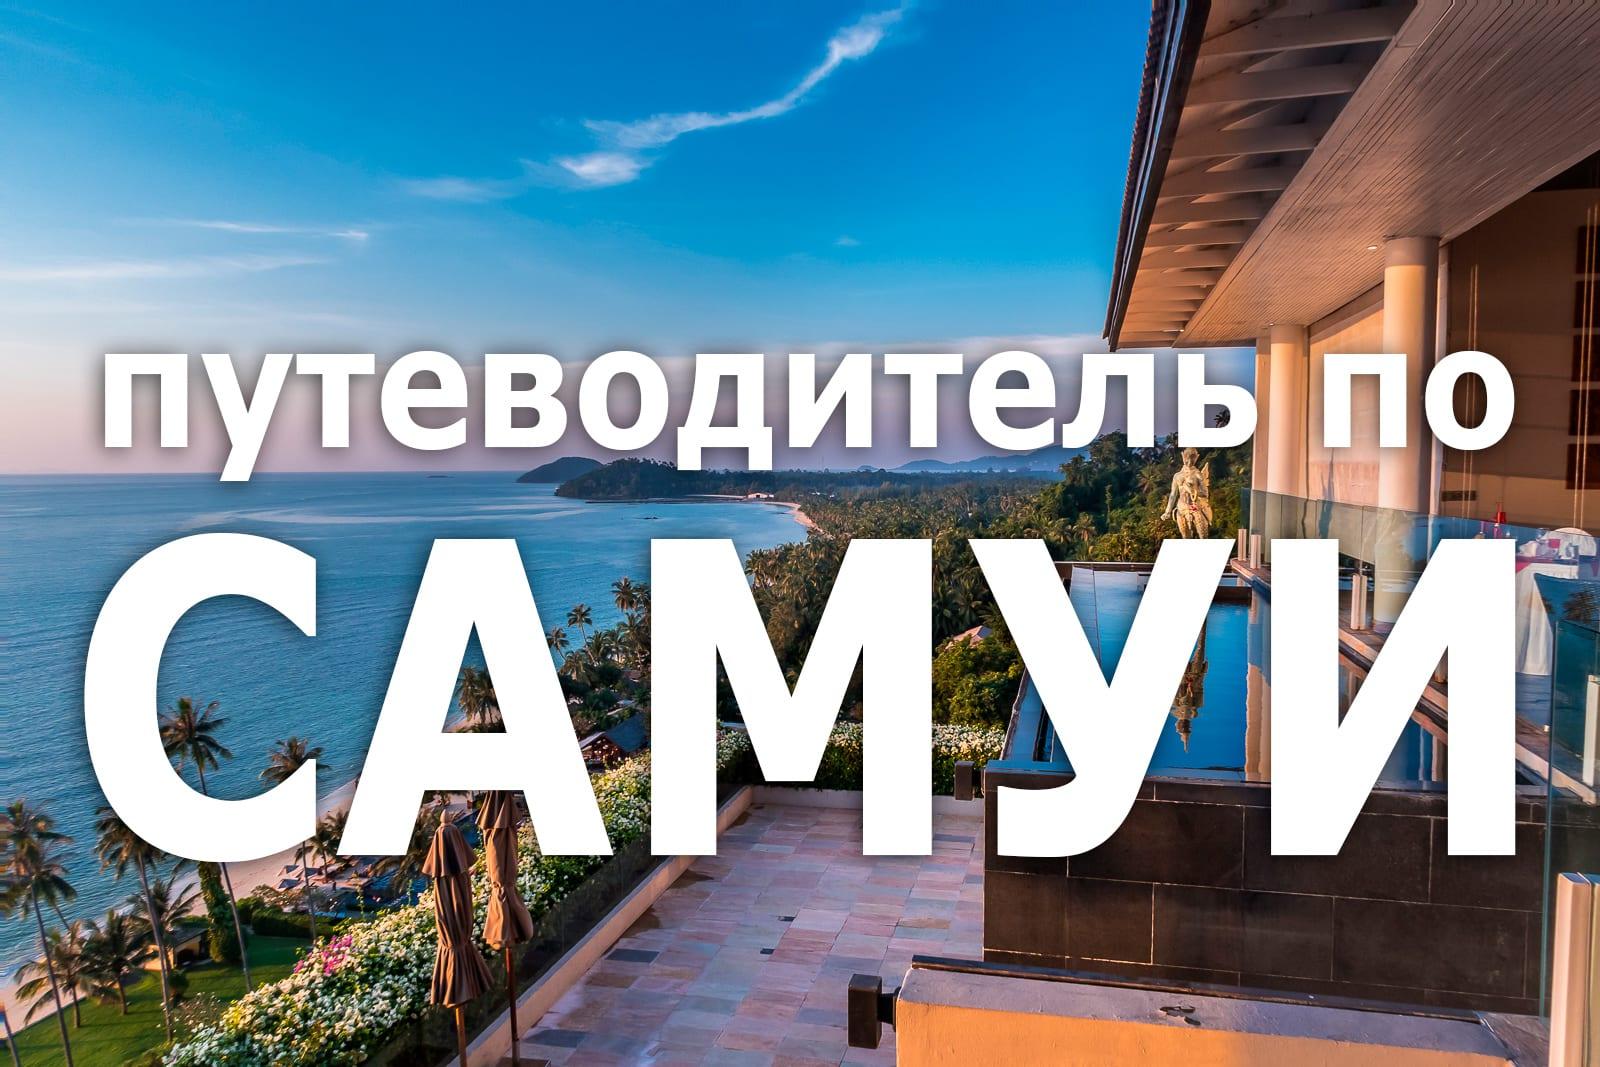 Путеводитель по Самуи